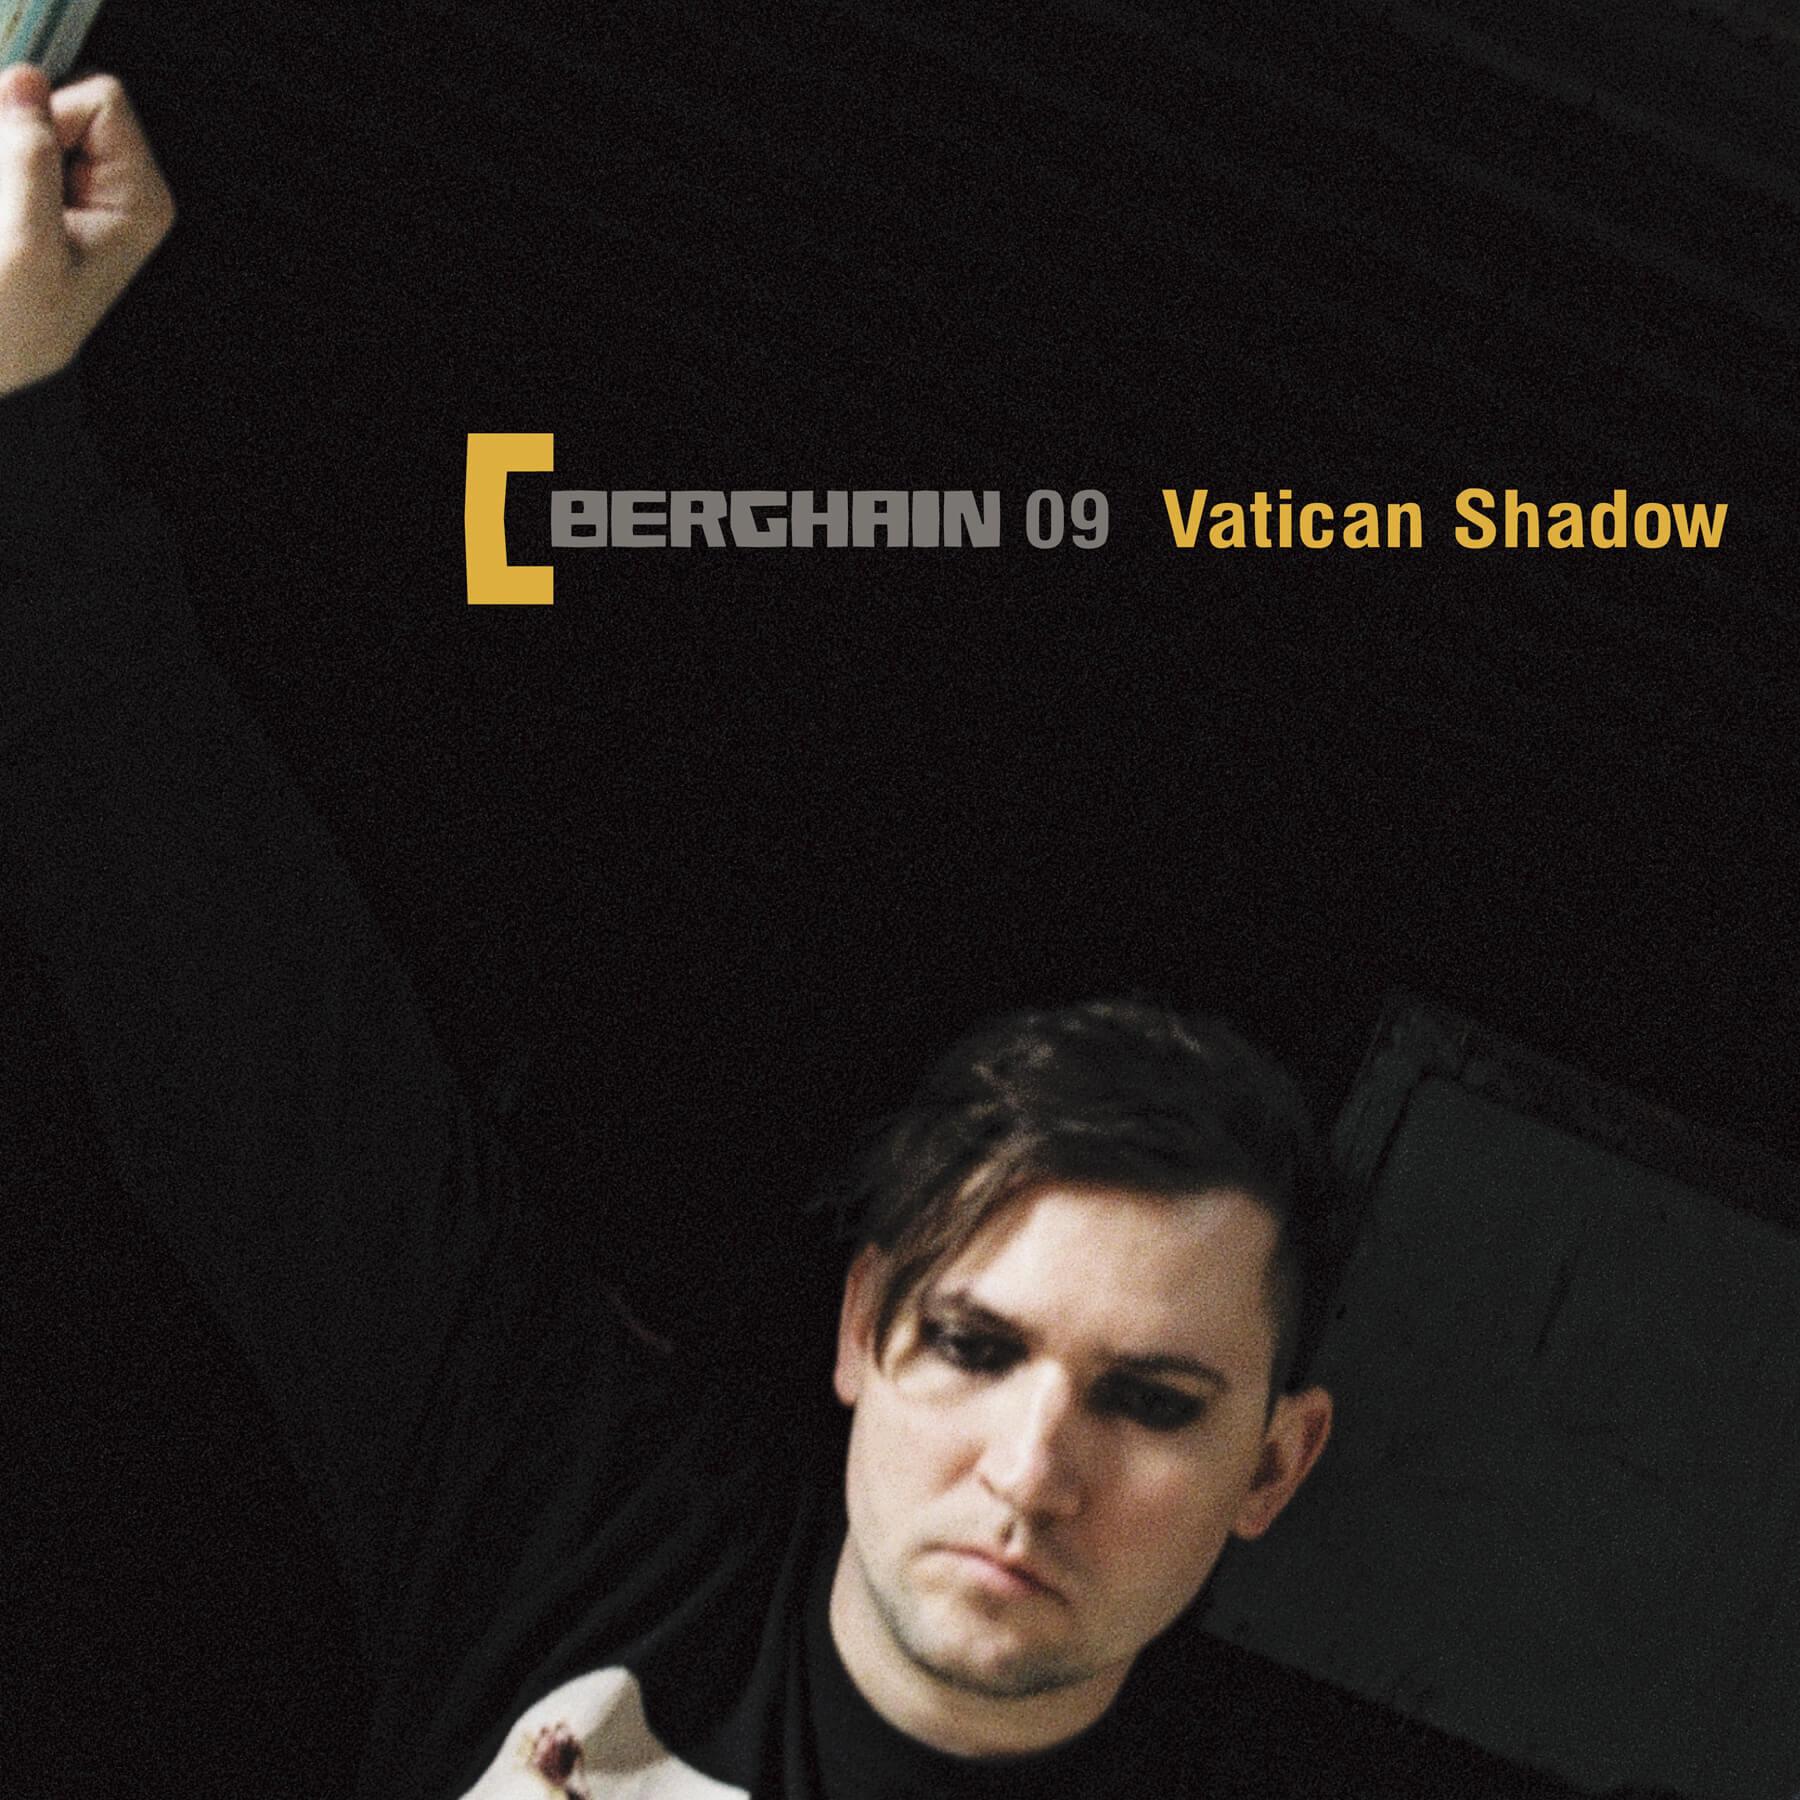 Berghain 09 Vatican Shadow